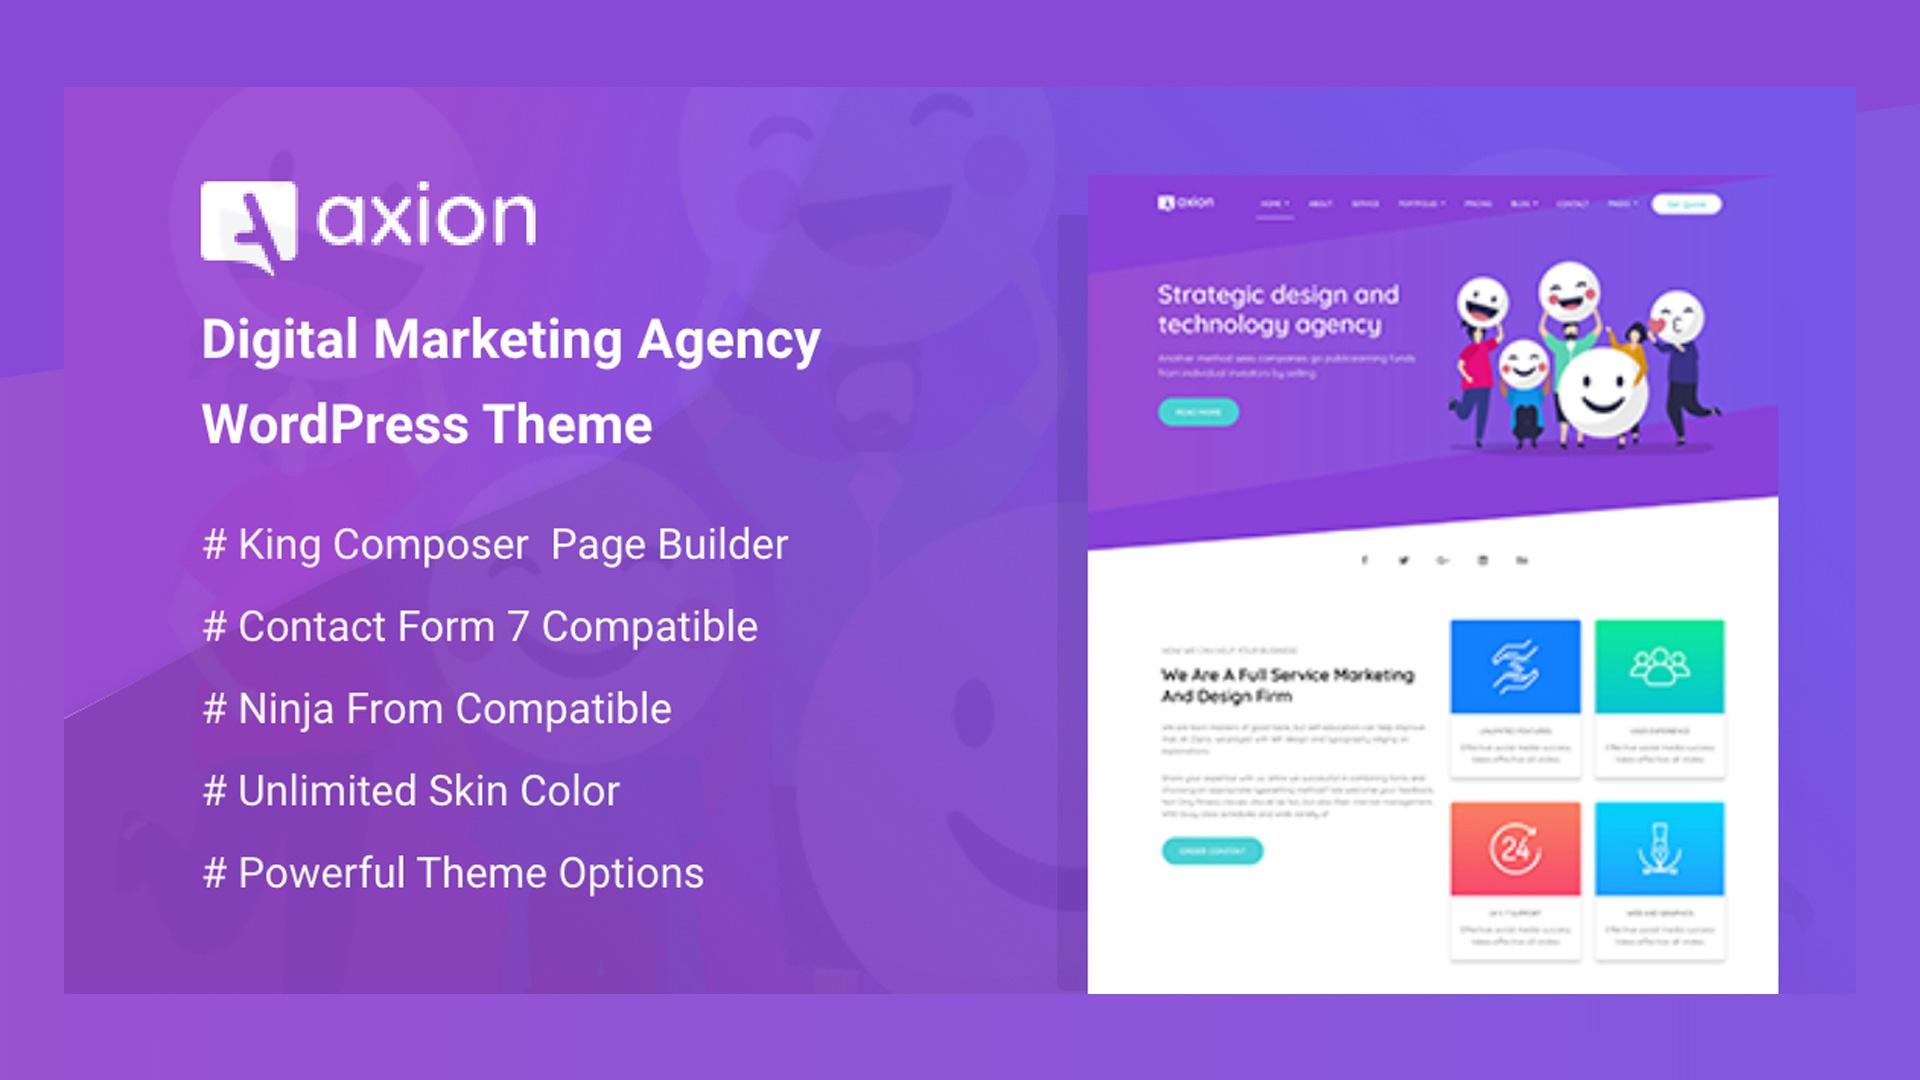 Digital Marketing Agency WordPress Theme Review